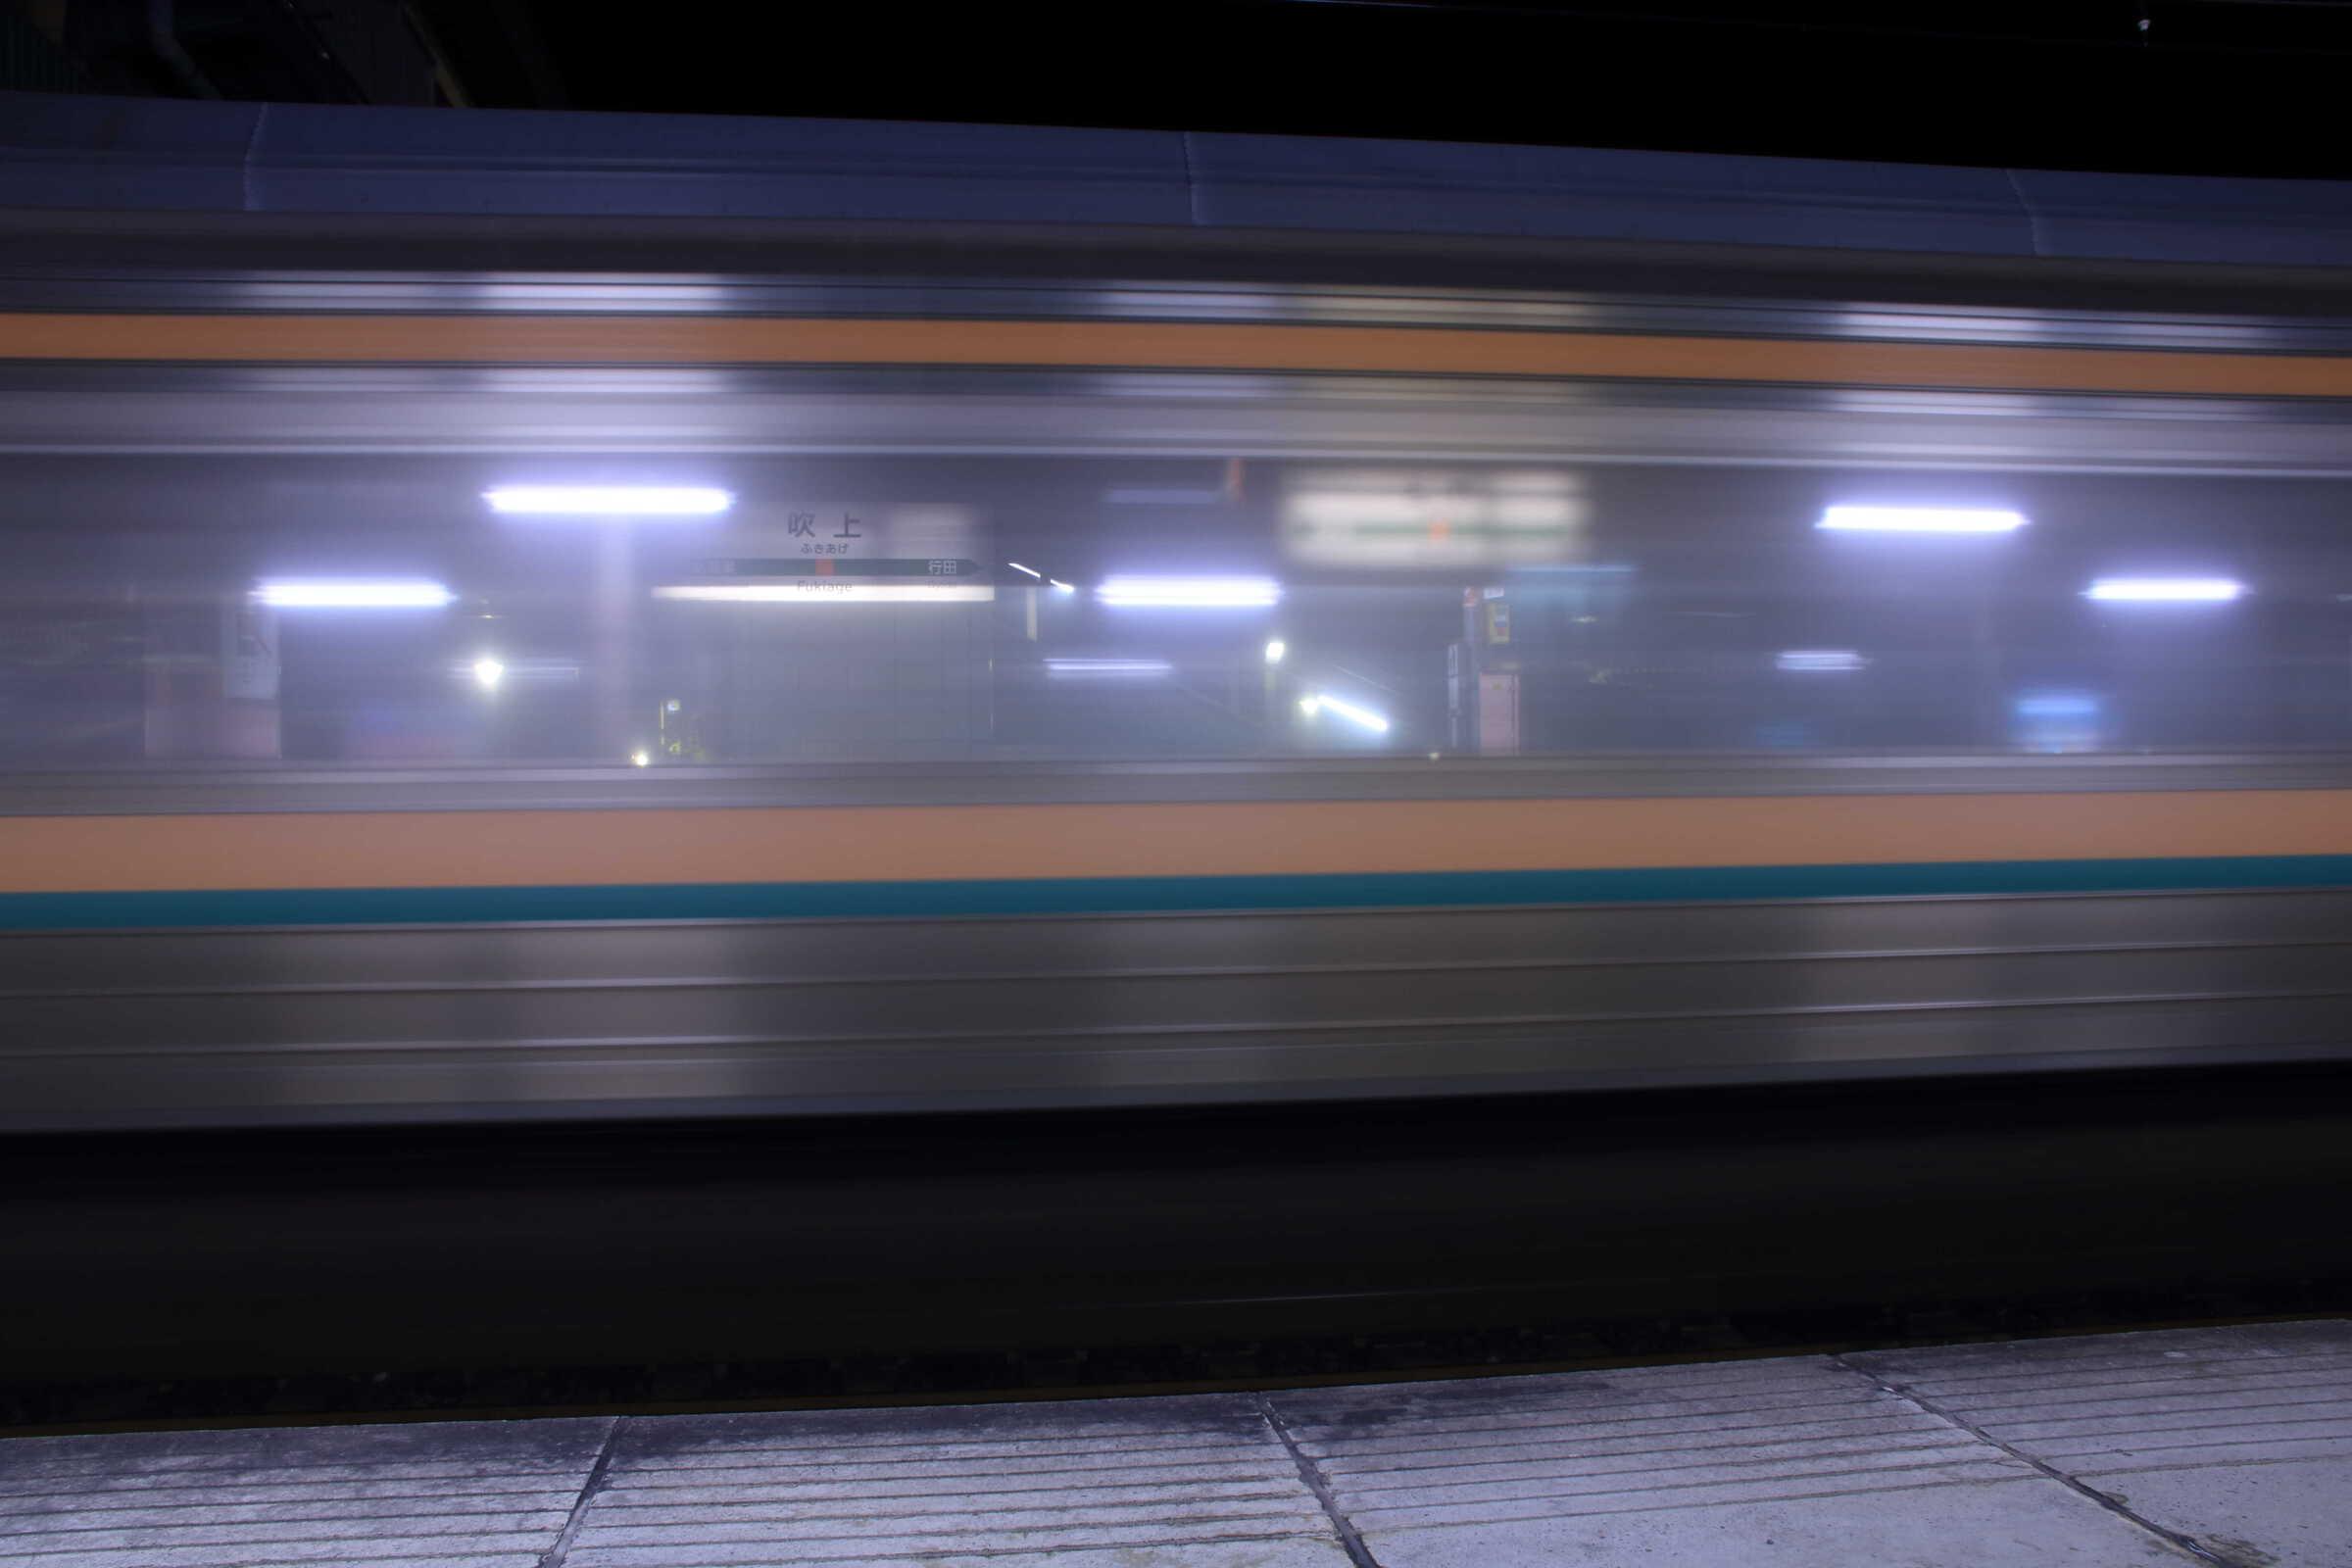 配9839列車 福島疎開返却配給 EF81-141①[長岡]+211系 高タカA8+A14編成